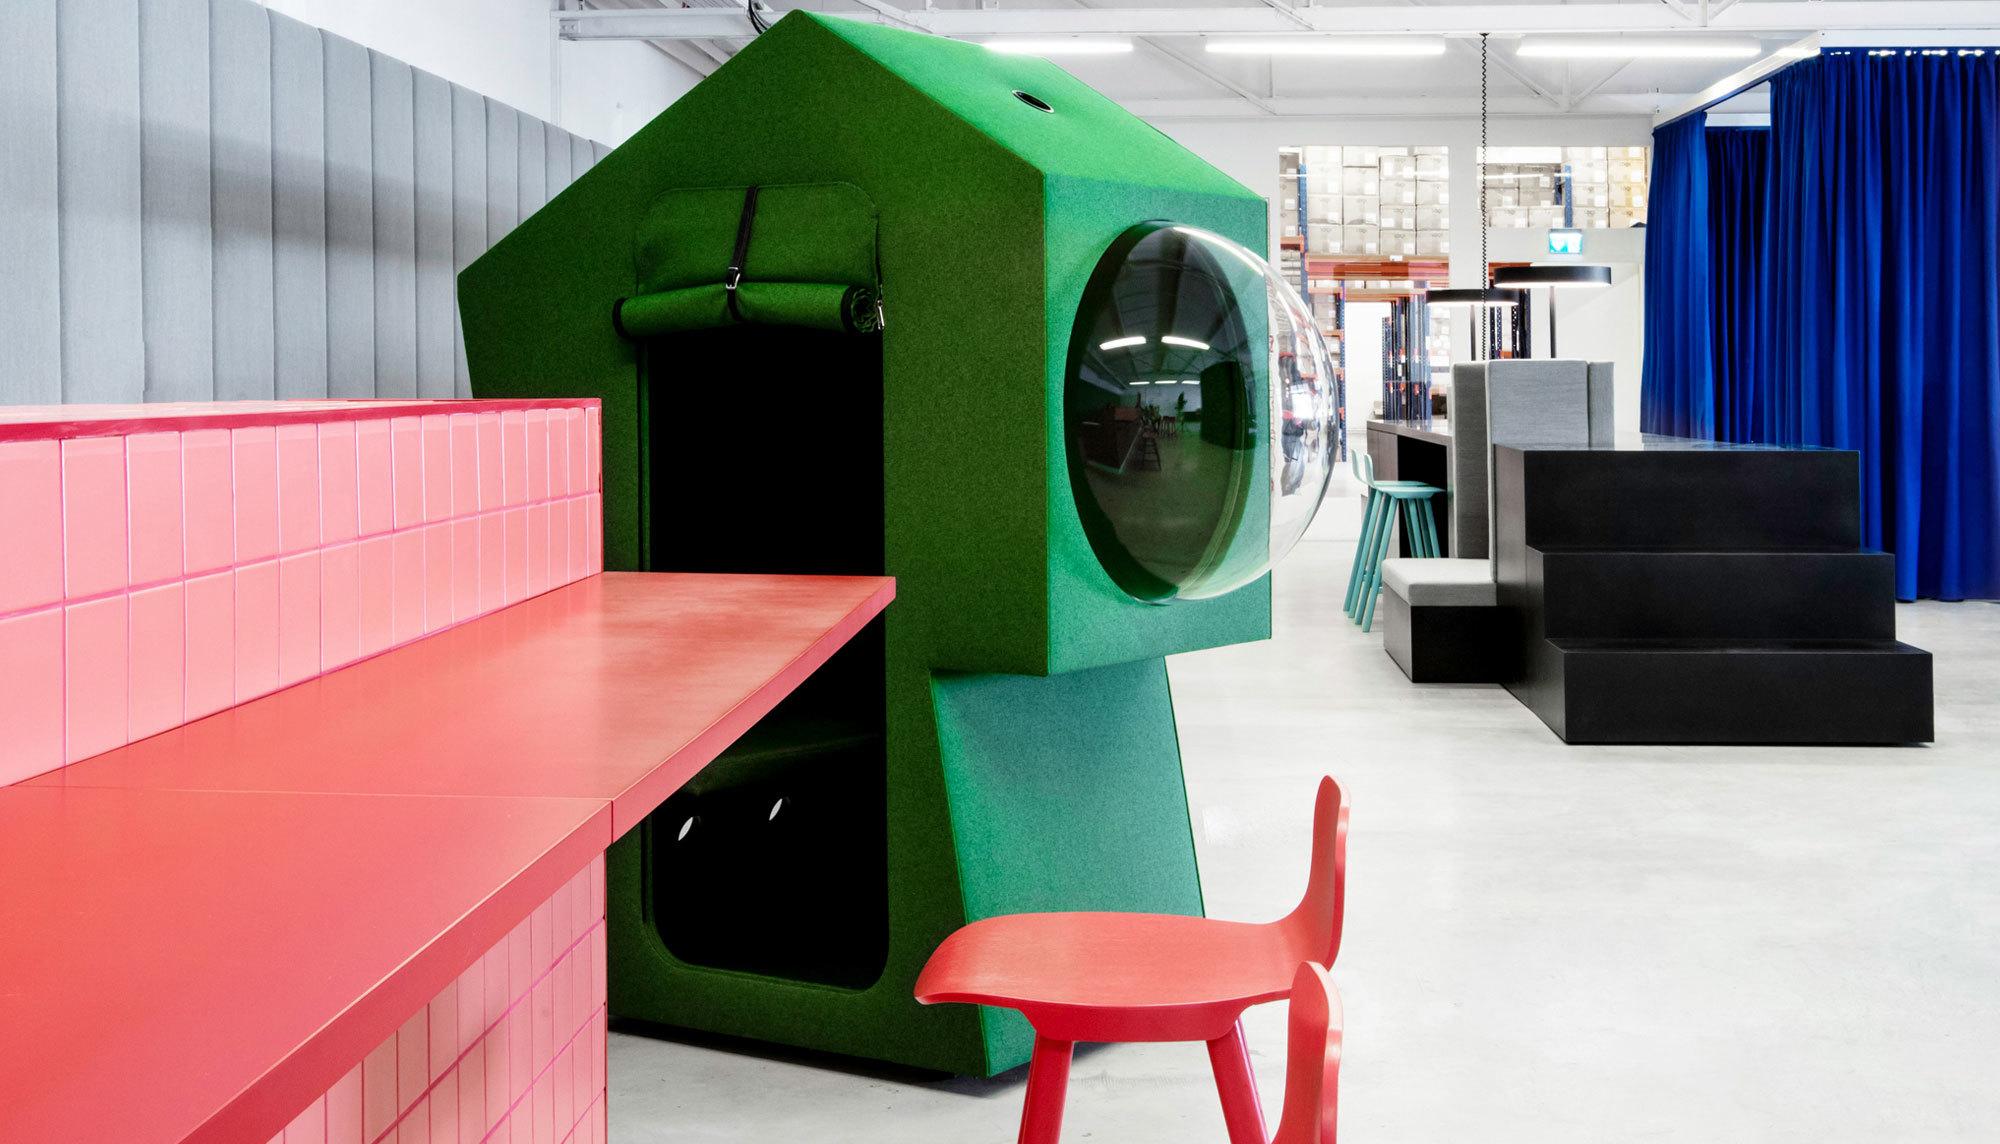 """""""Neue Büros, die in der nahen Zukunft geplant werden, legen weniger Wert auf Gemeinschaftsarbeitsplätze. Dennoch brauchen wir neue Räume für Interaktion, Ideenfindung und Zusammenarbeit"""", erklären Werner Aisslinger und Tina Bunyaprasit von Studio Aisslinger."""